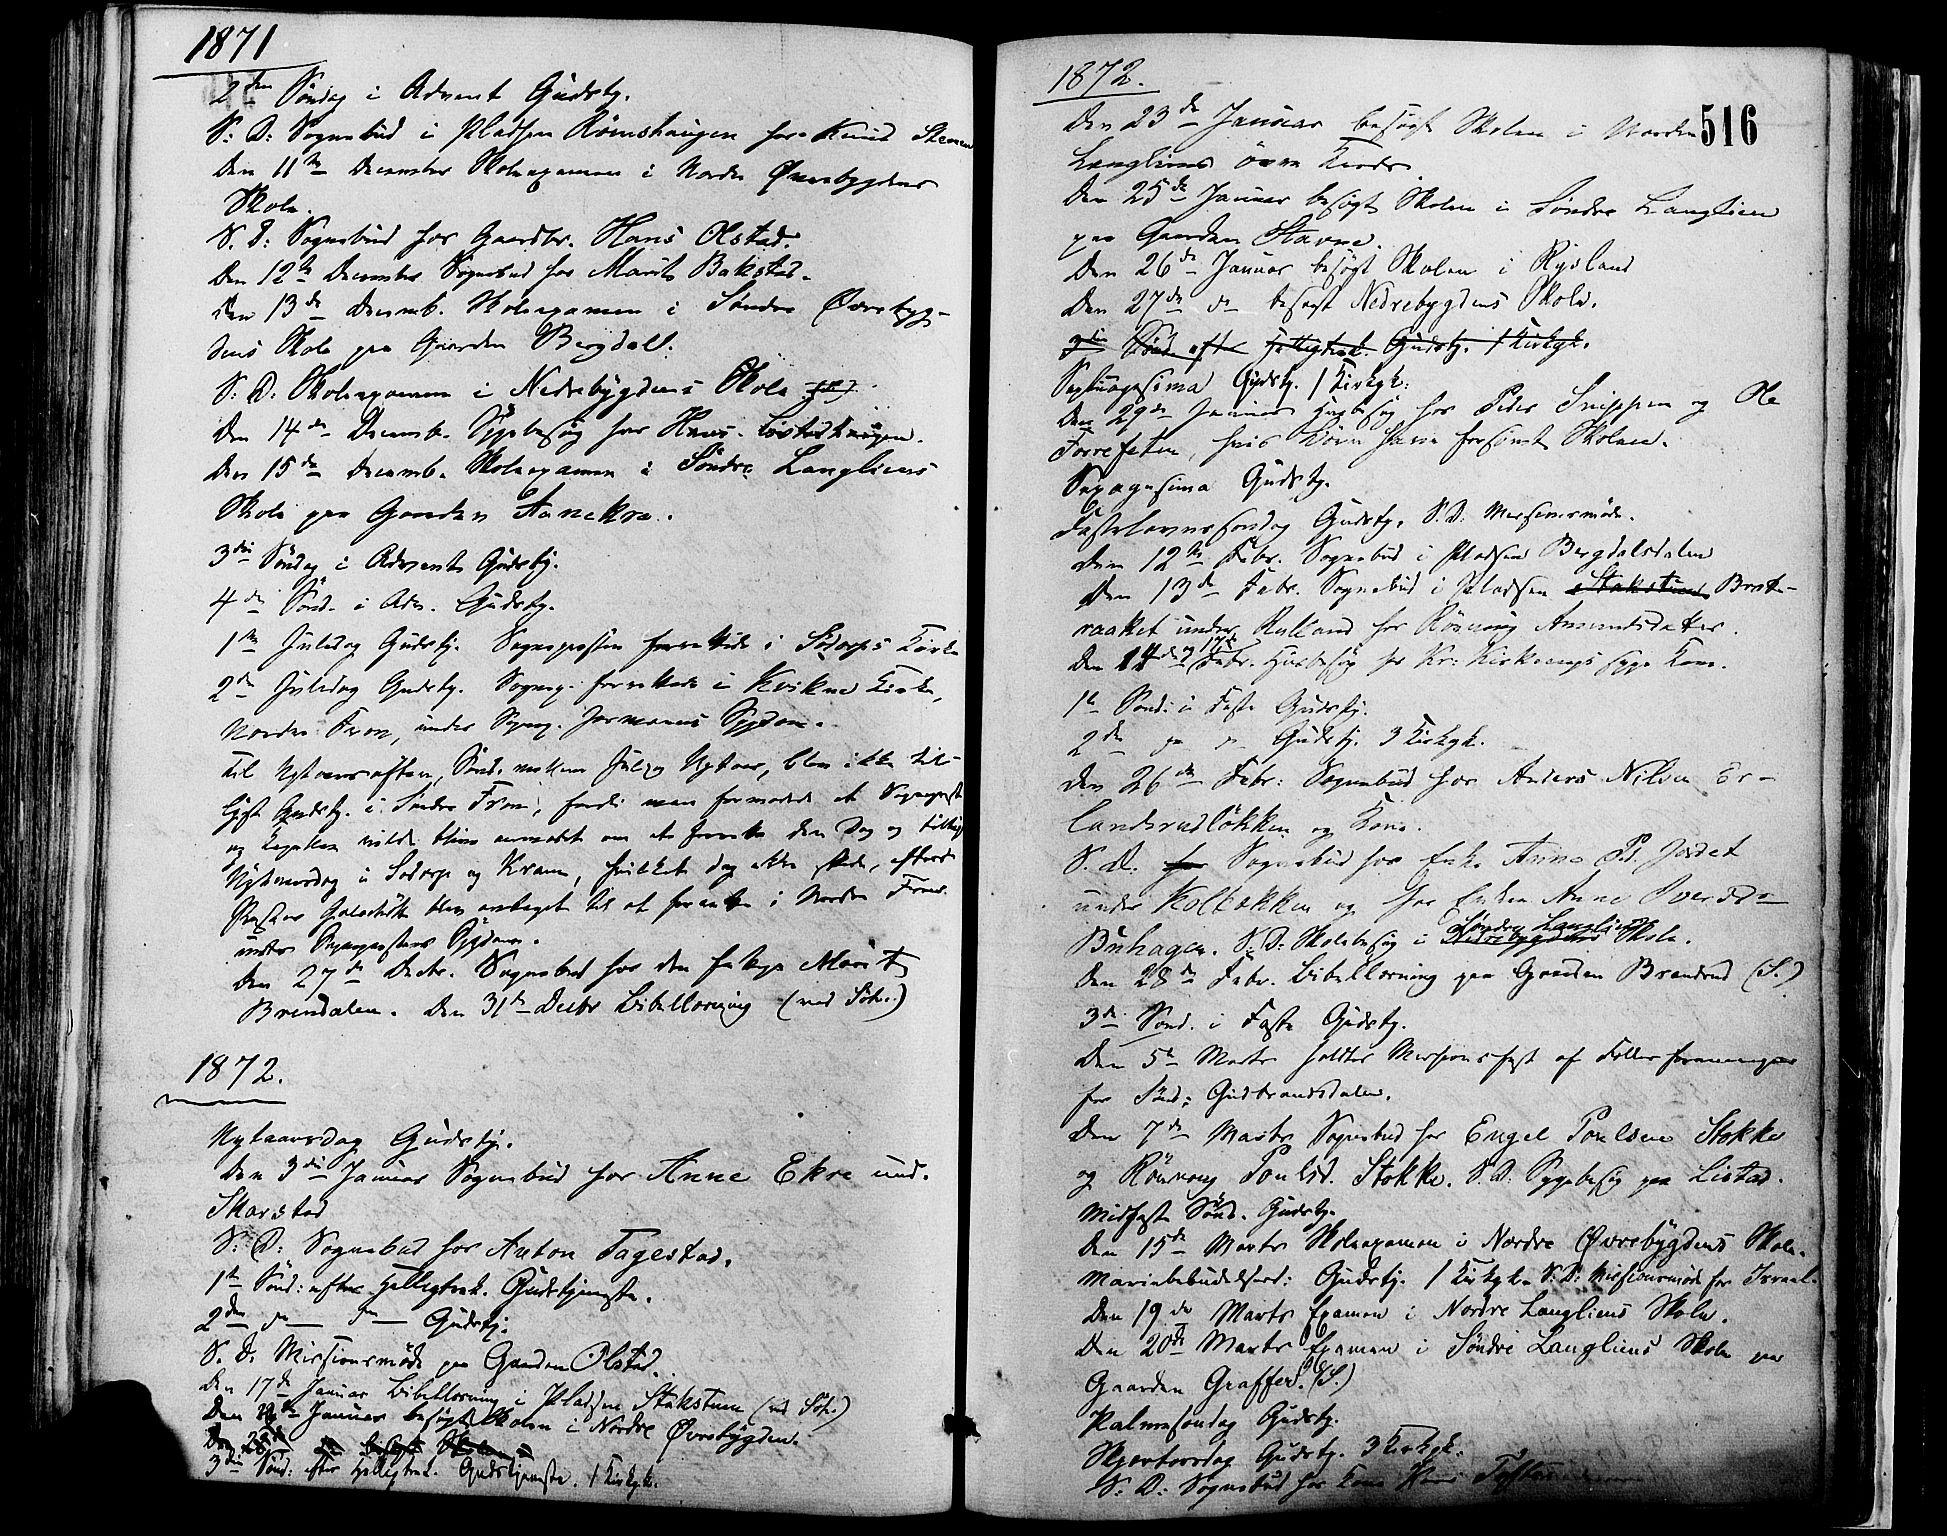 SAH, Sør-Fron prestekontor, H/Ha/Haa/L0002: Ministerialbok nr. 2, 1864-1880, s. 516